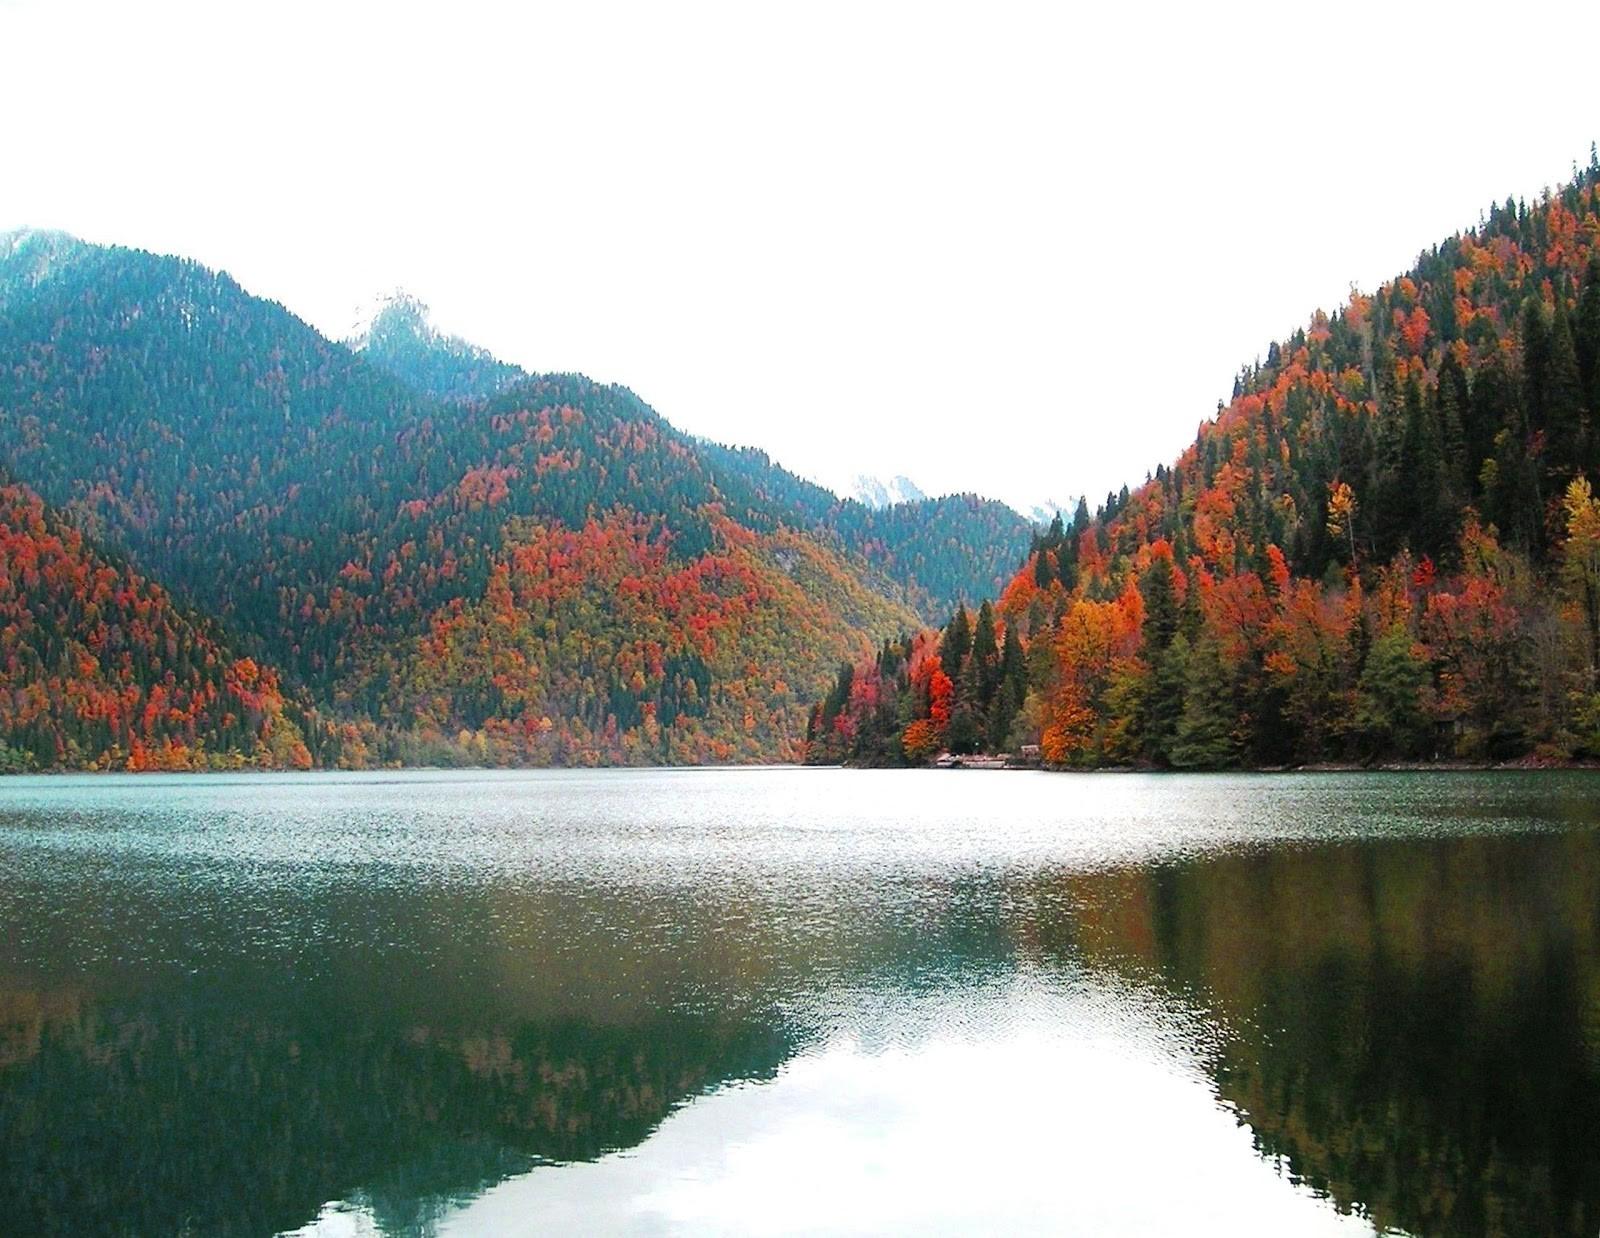 abkhazia, georgia